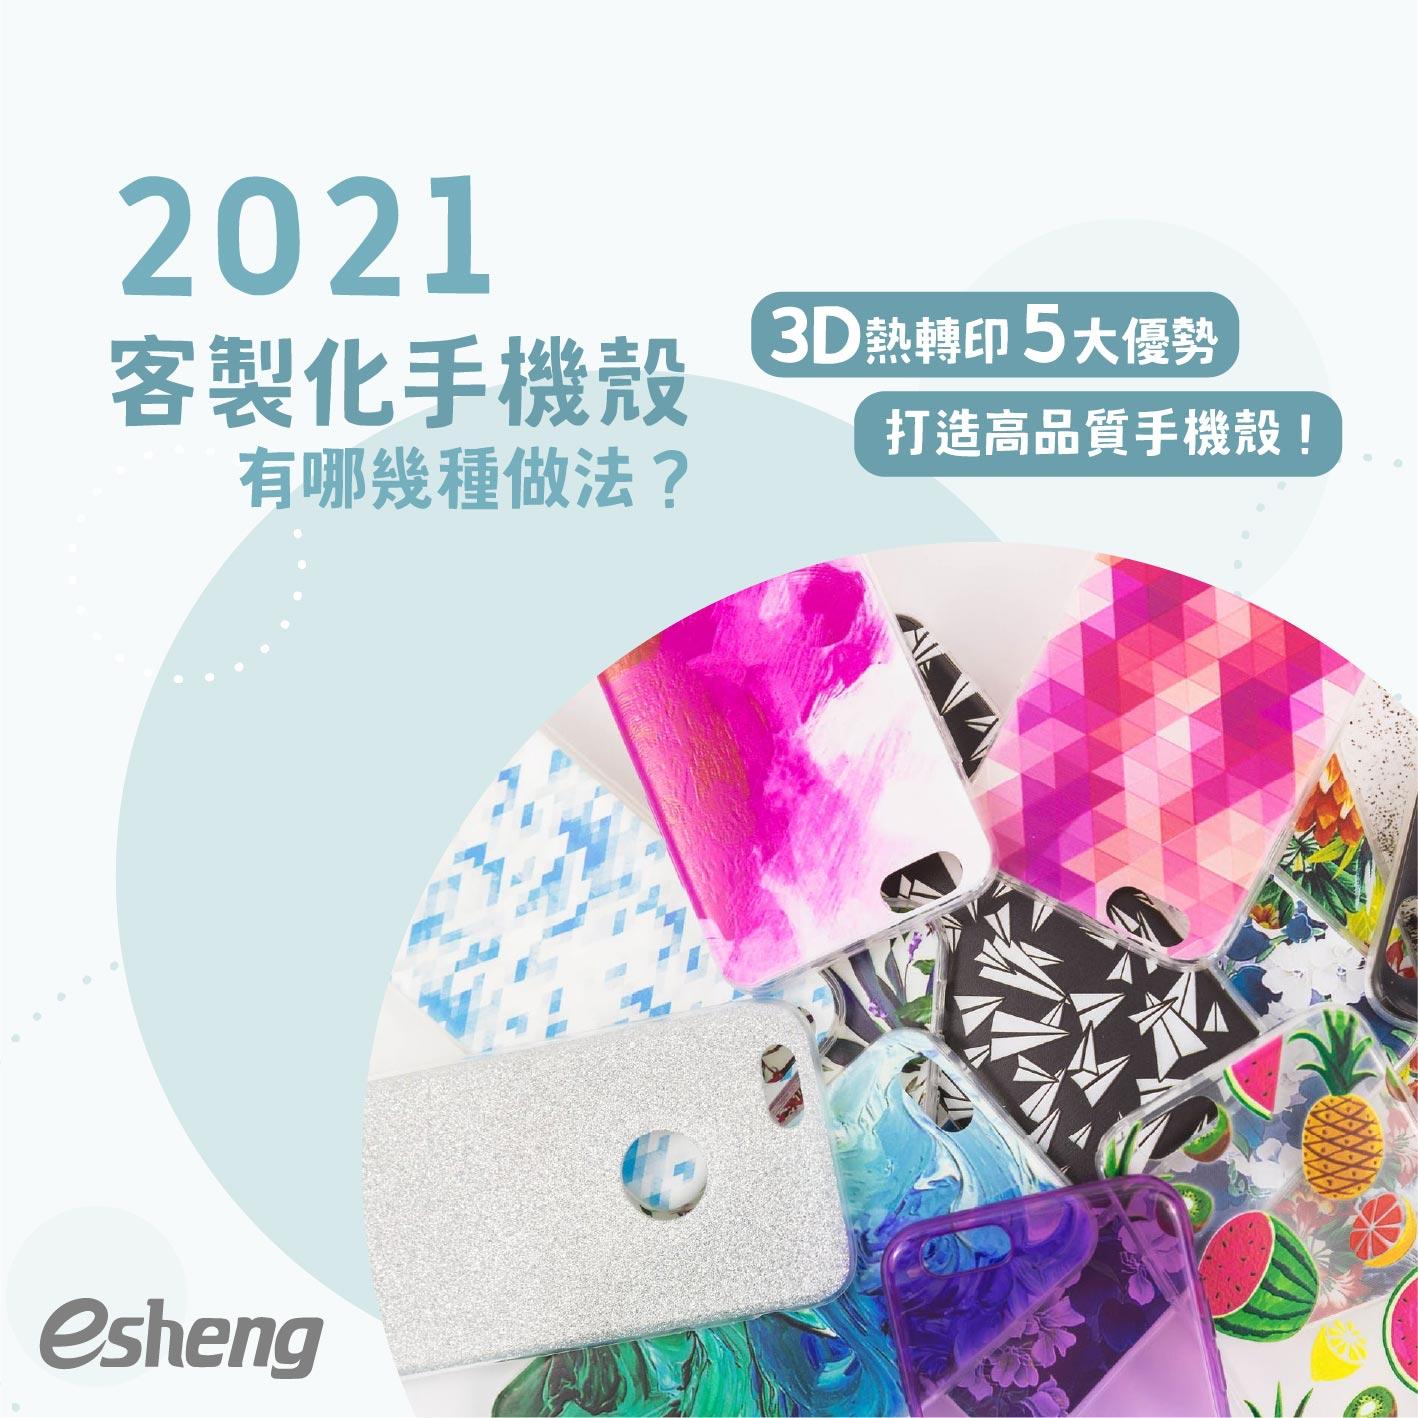 2021客製化手機殼有哪幾種做法?3D熱轉印五大優勢打造高品質手機殼!